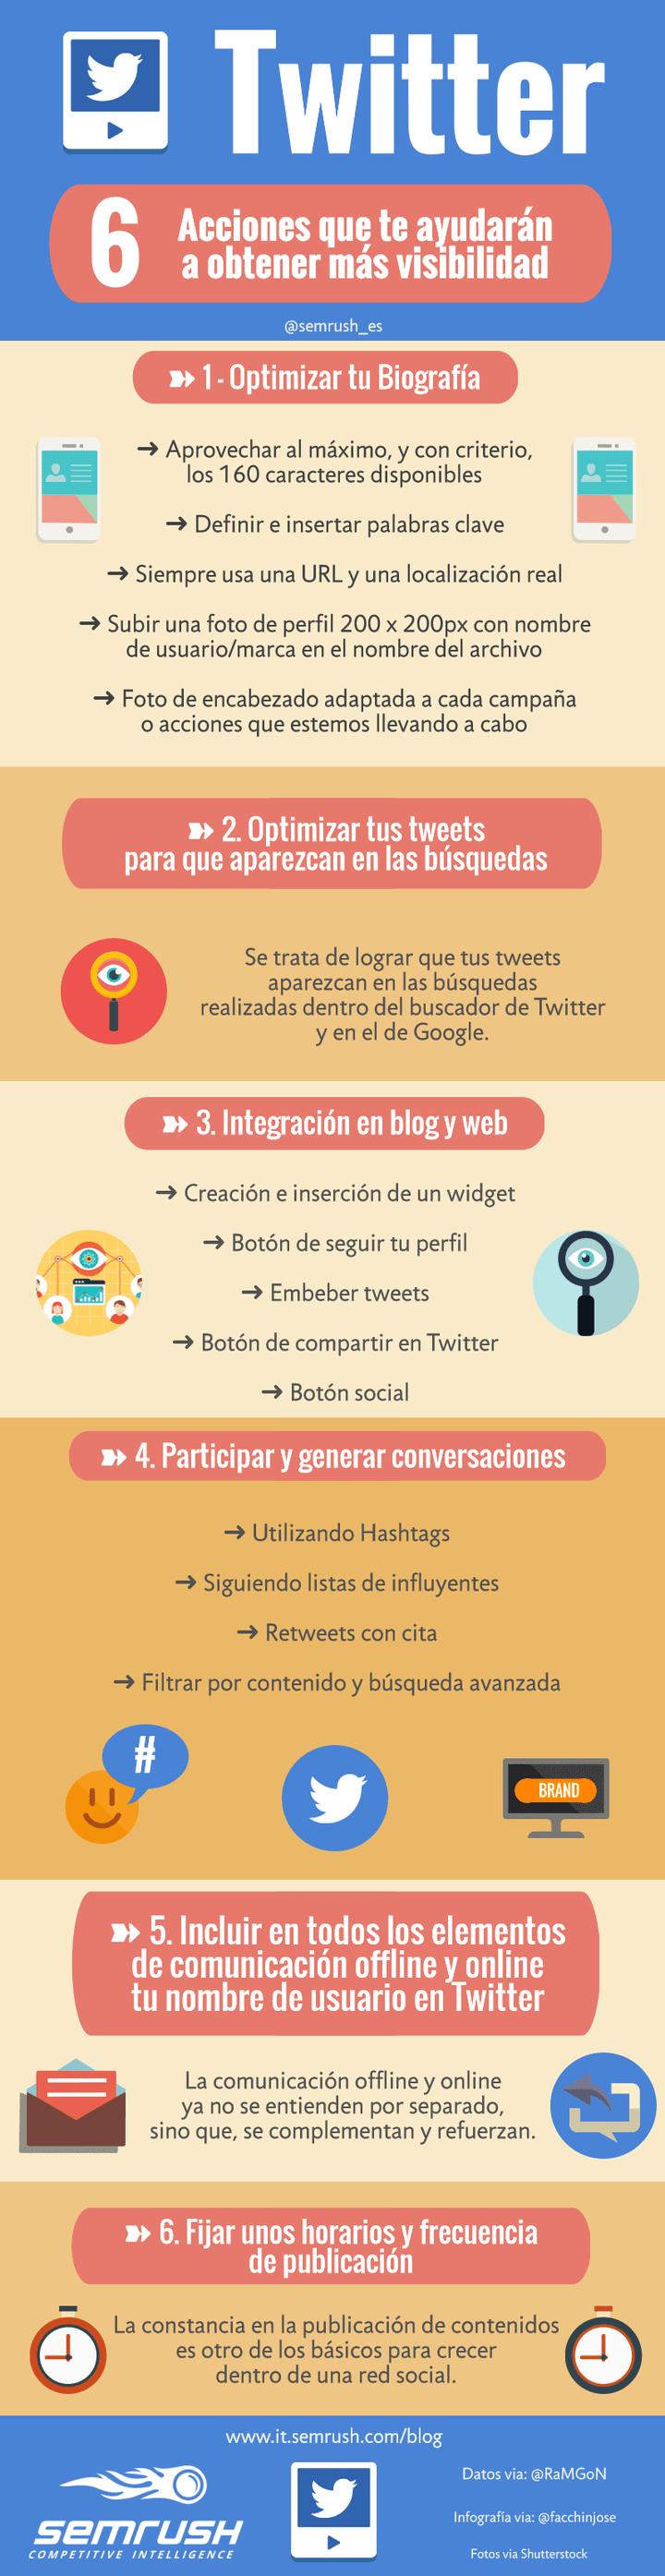 6 acciones para tener más visibilidad en Twitter